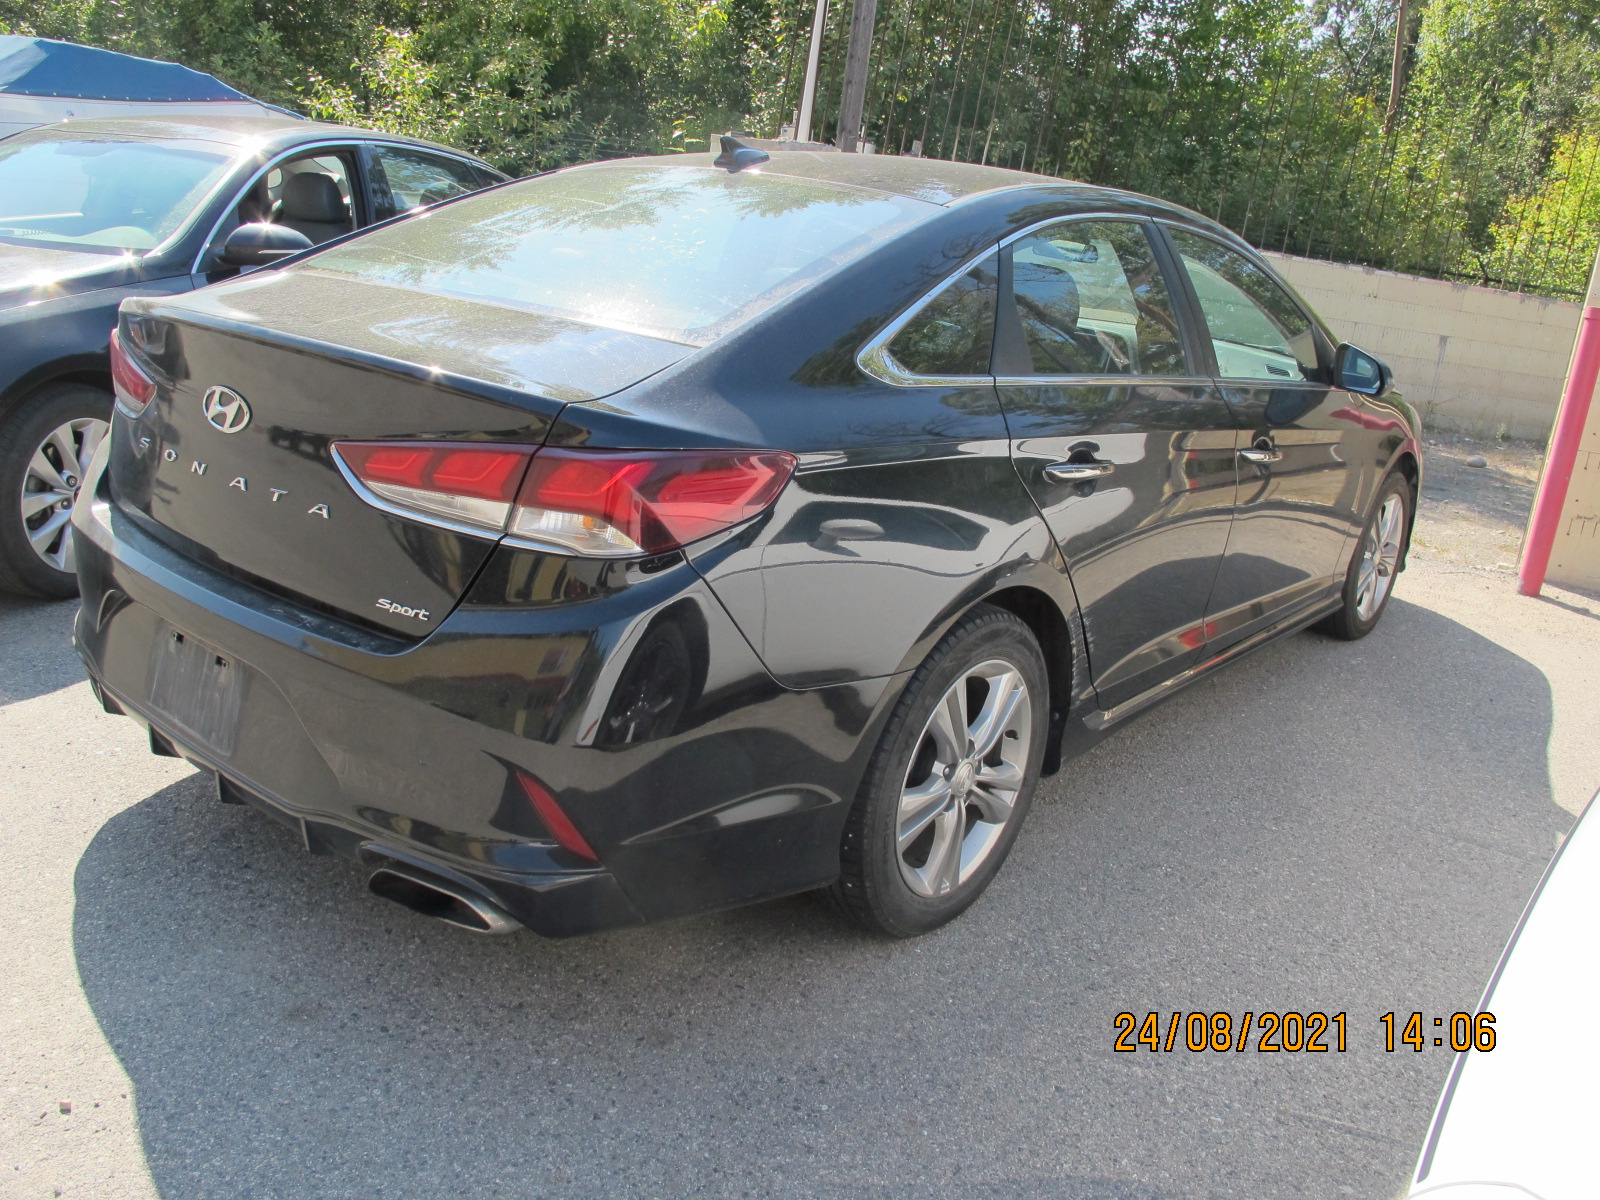 2018 Hyundai Sonata #B-KEL-0409 Located in Kelowna